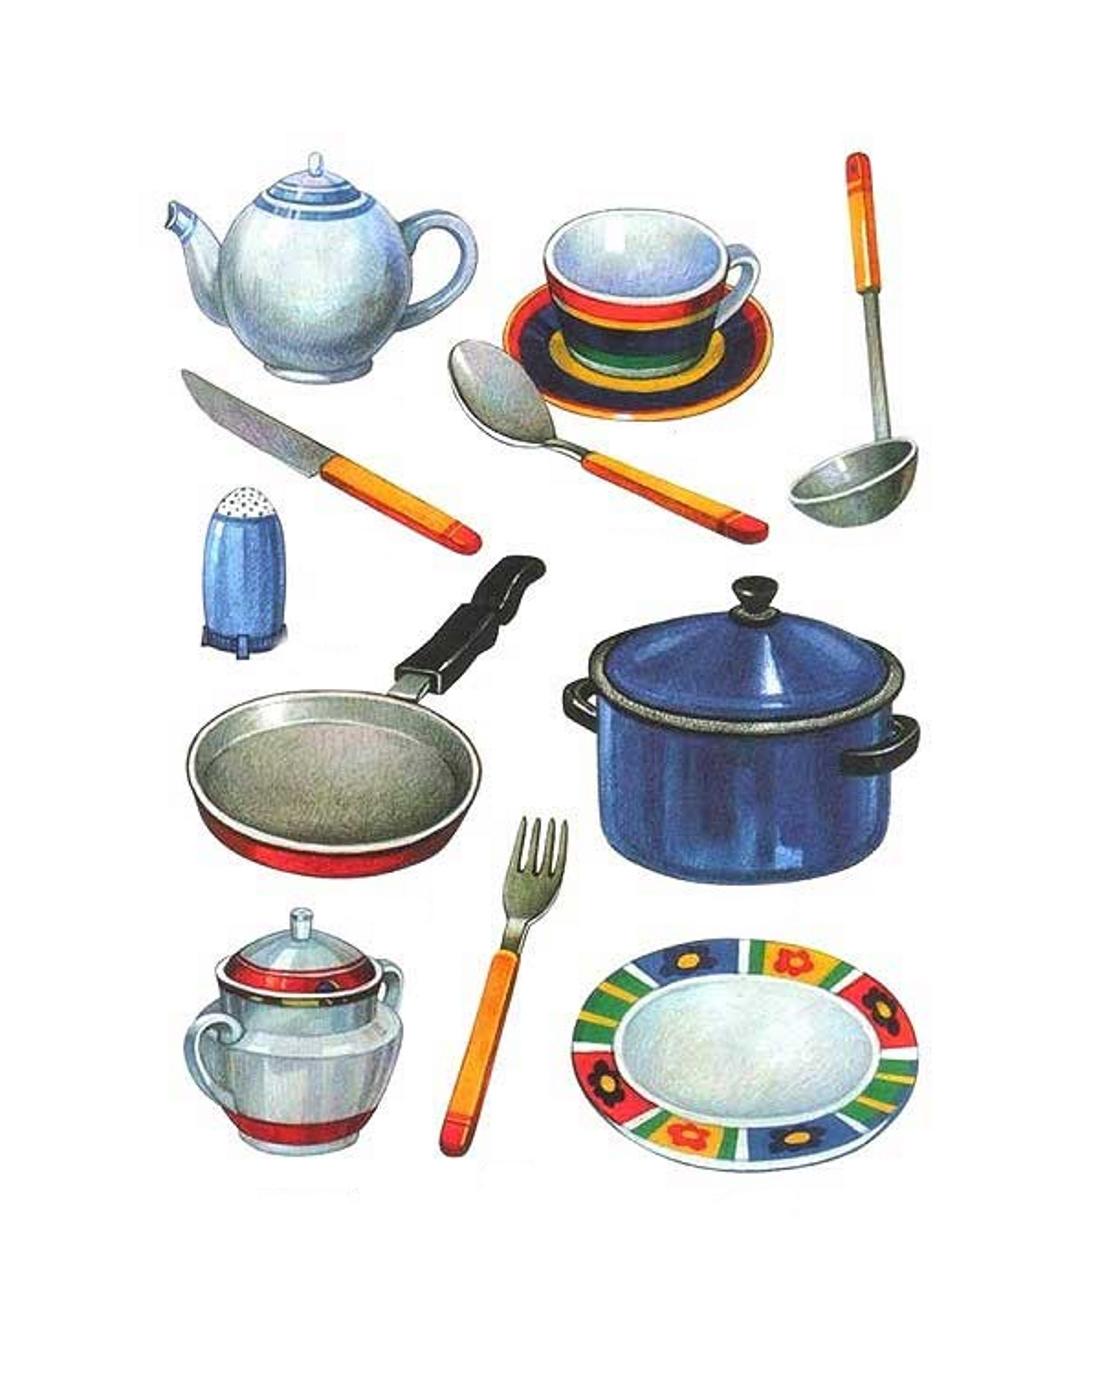 Предметы для кухни с картинками